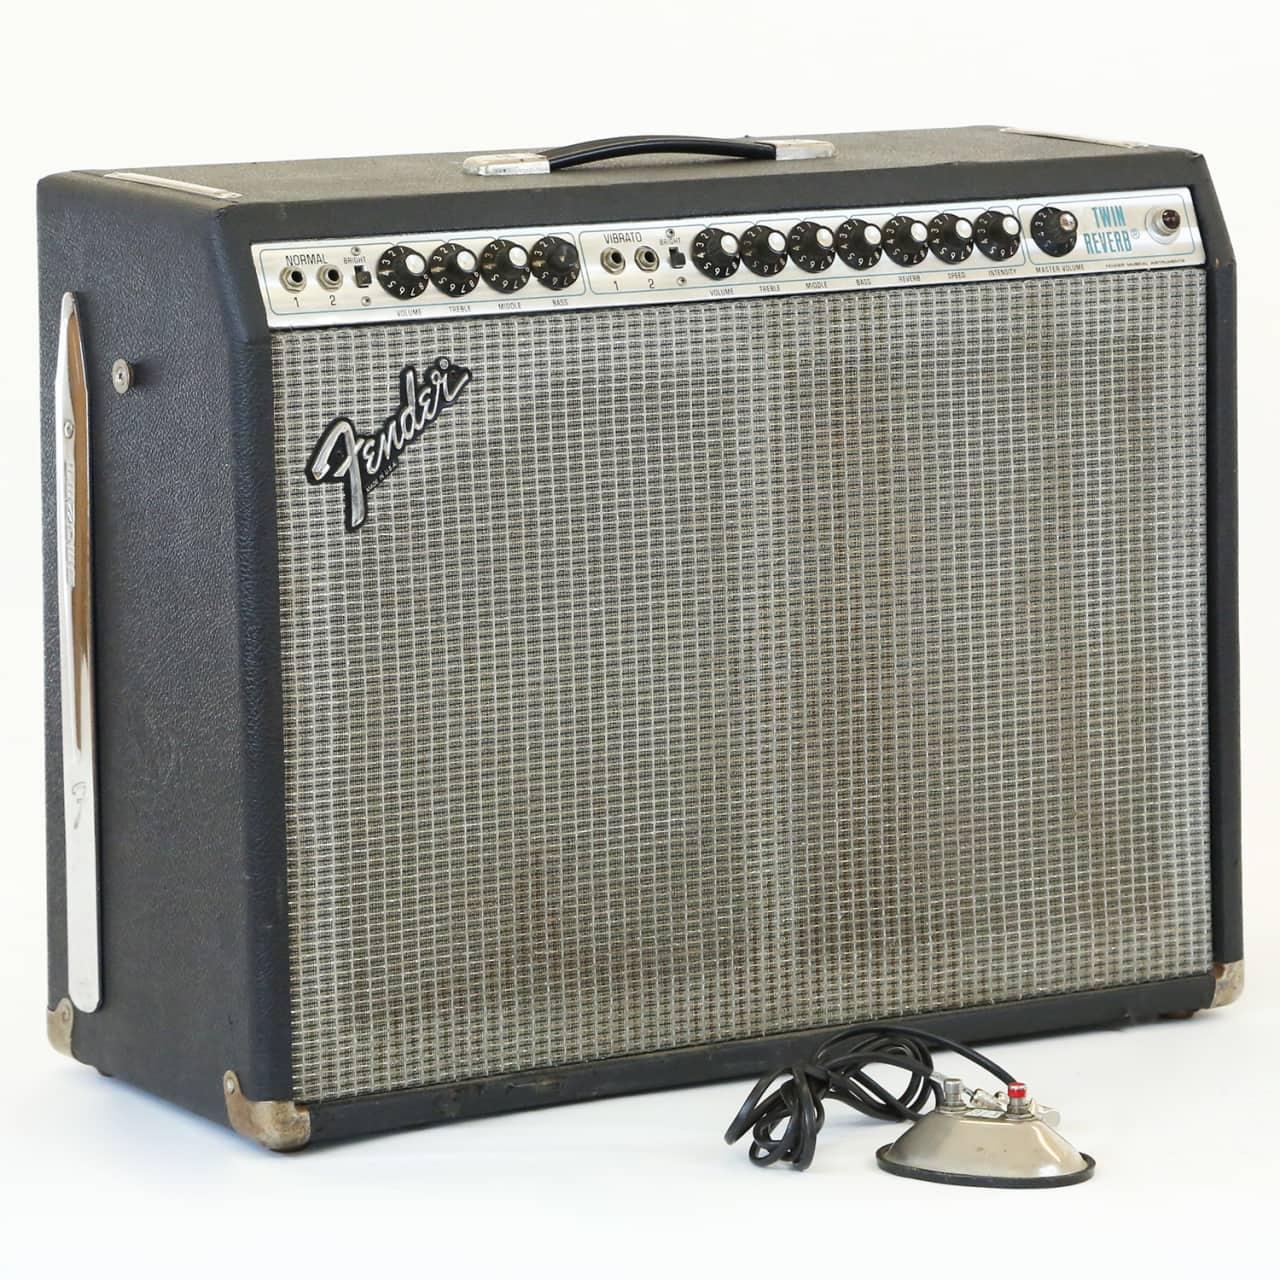 1979 fender twin reverb vintage electric guitar amplifier reverb. Black Bedroom Furniture Sets. Home Design Ideas